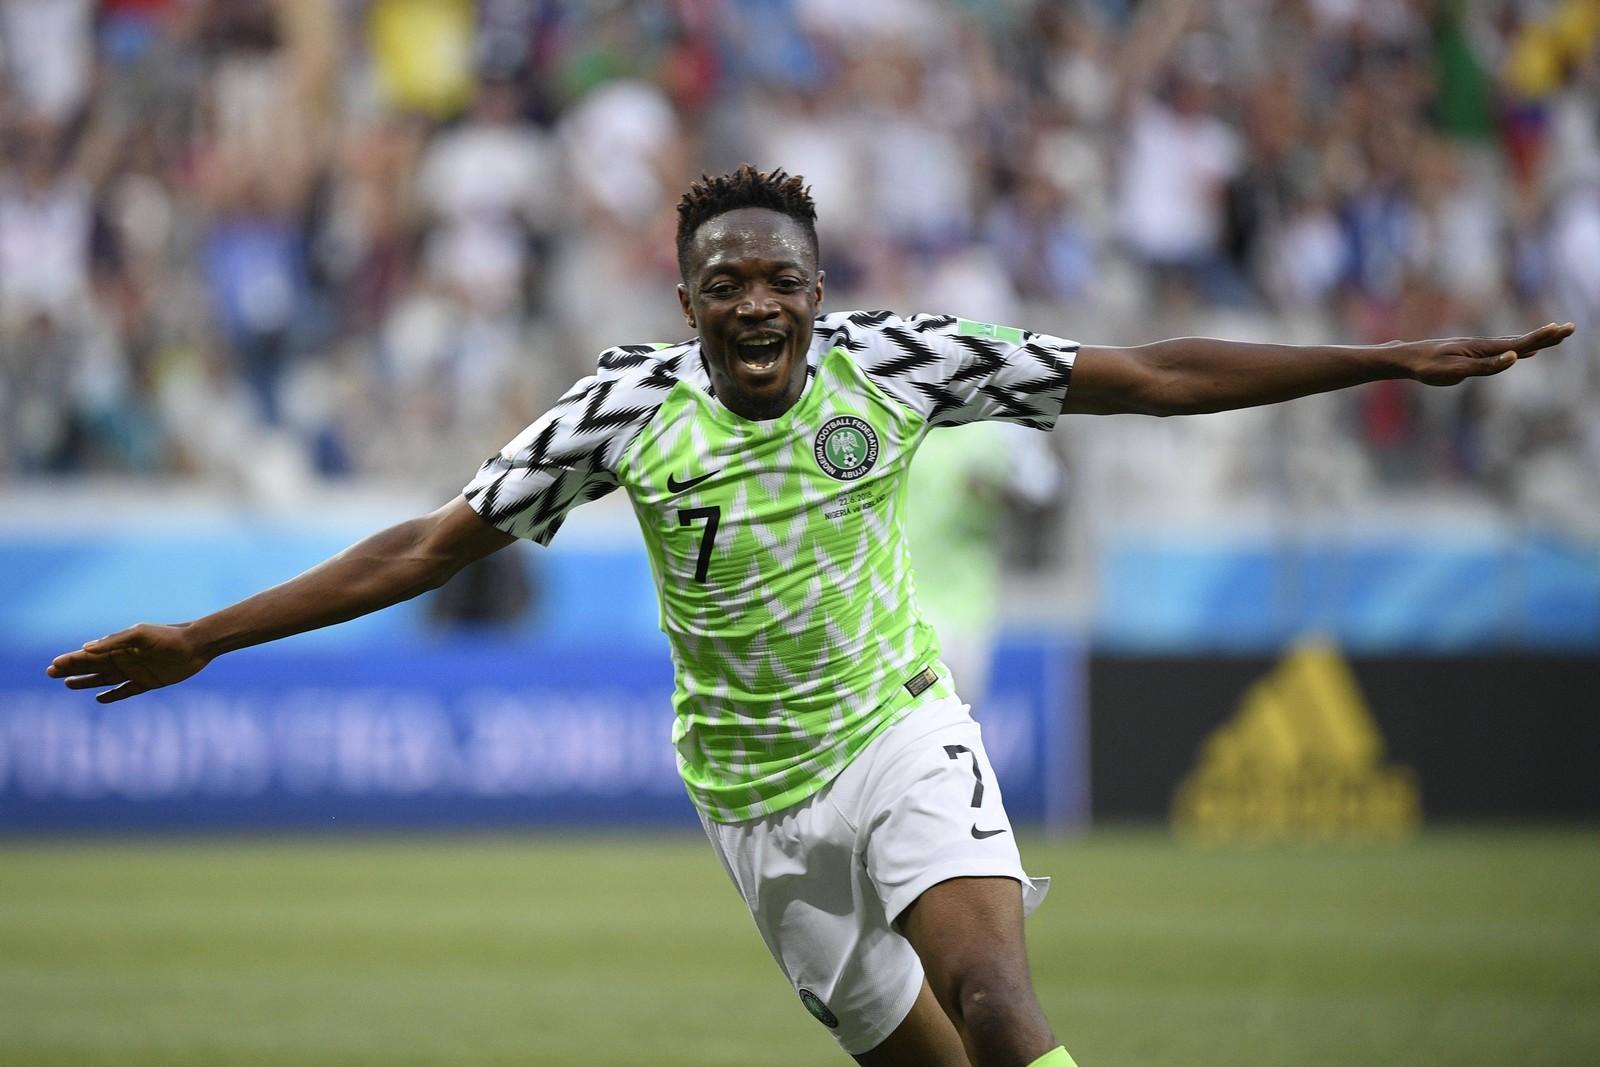 Schießt Ahmed Musa Argentinien aus dem Turnier? Jetzt auf Nigeria gegen Argentinien wetten!